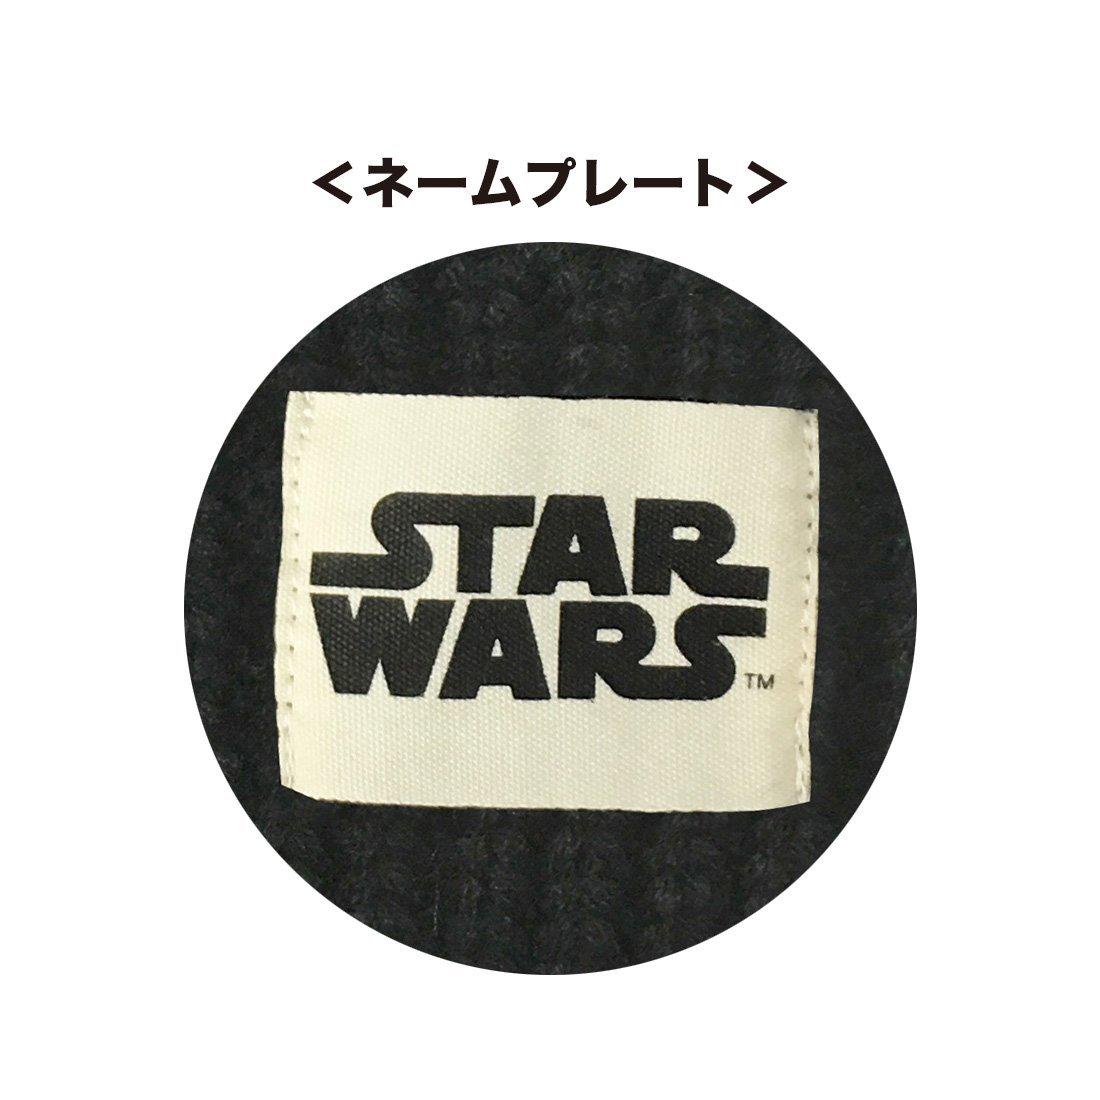 画像: http://screenstore.jp/shopdetail/000000002558/